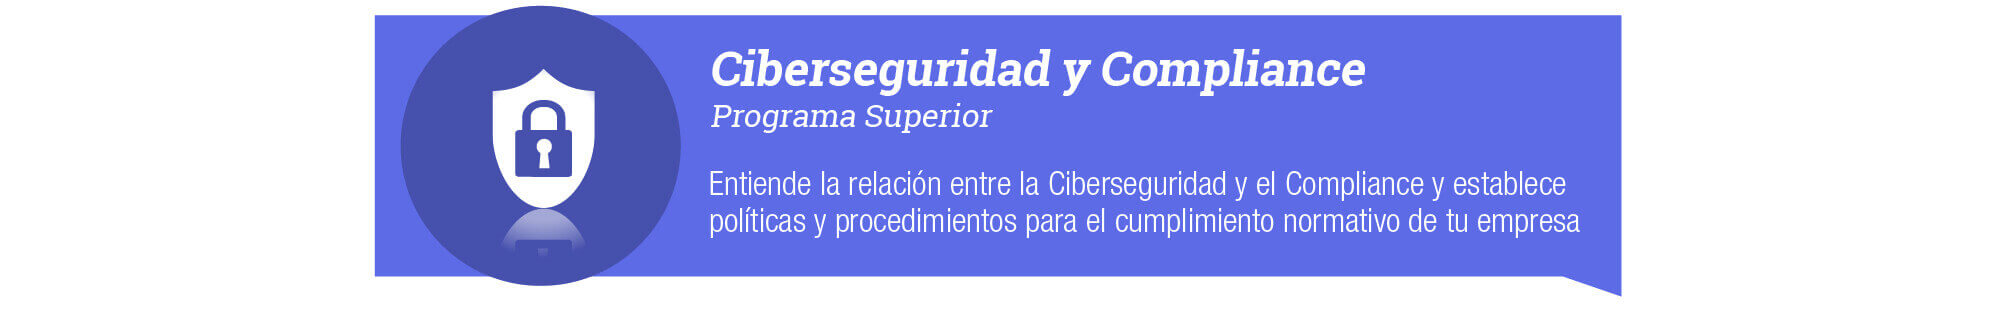 Ciberseguridad y Compliance